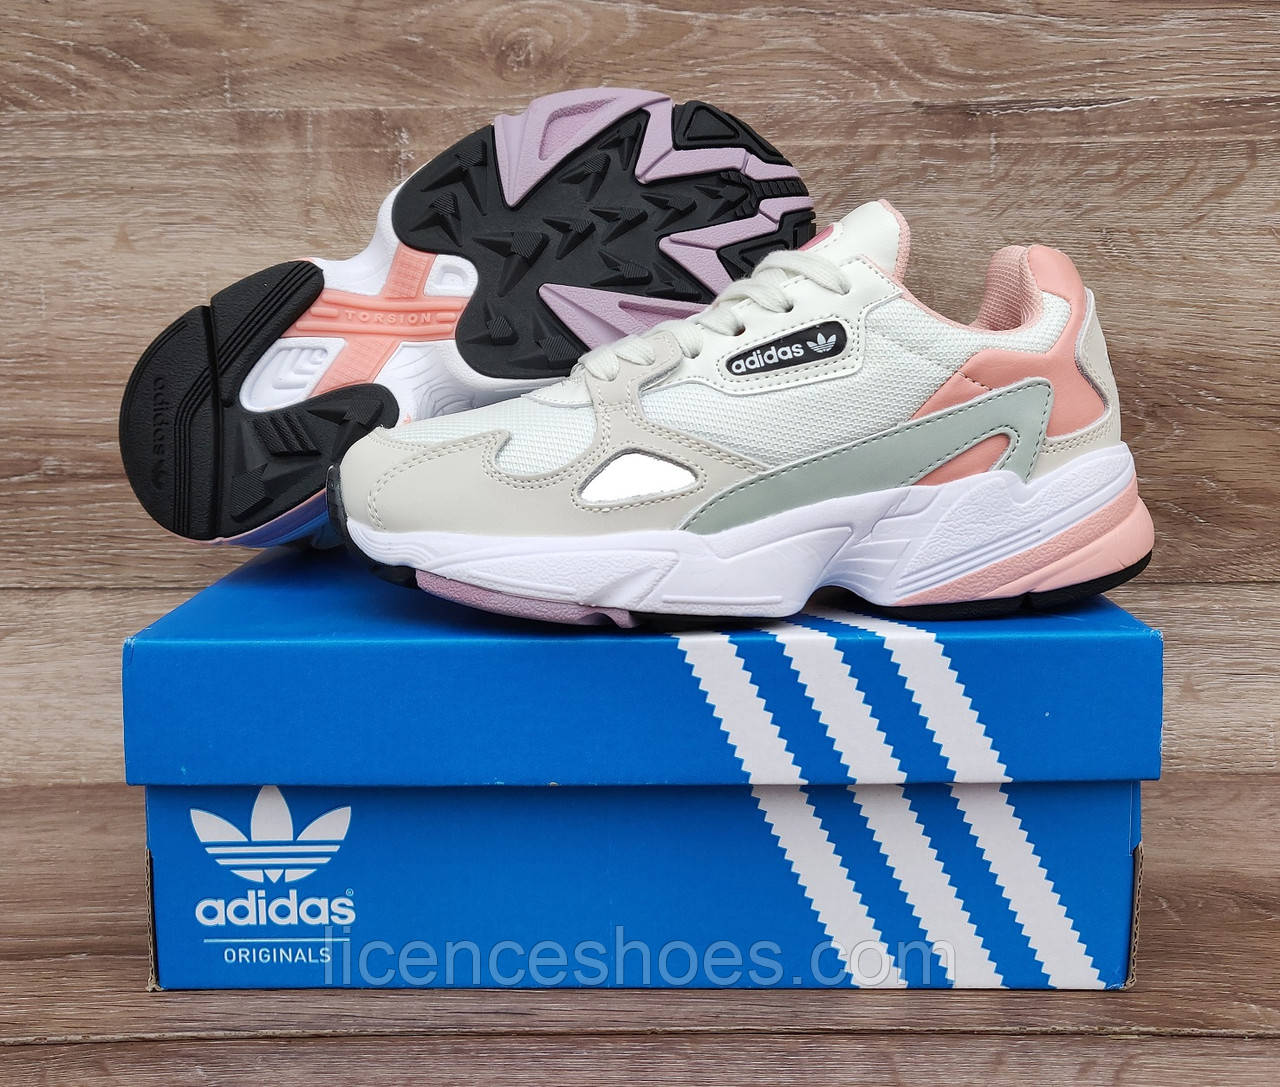 Жіночі кросівки Adidas Falcon W (WHITE TINT / RAW WHITE / TRACE PINK) EE4149